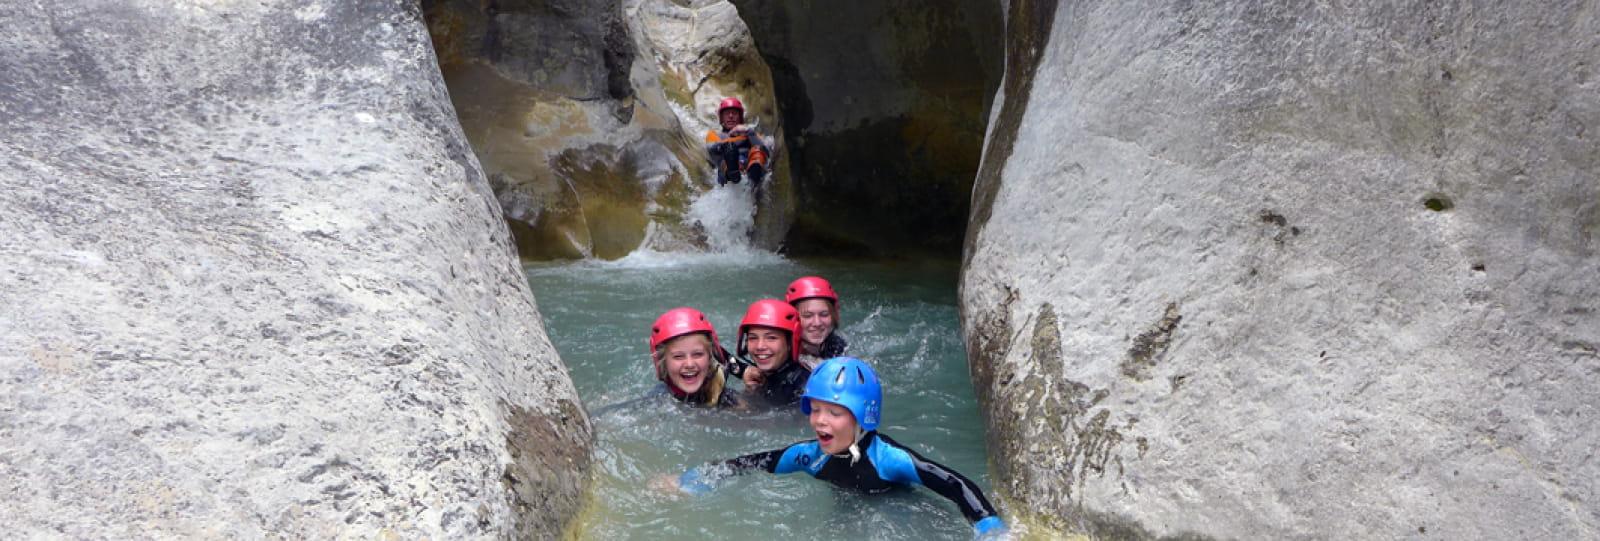 Canyoning et randonnée aquatique dans les Baronnies